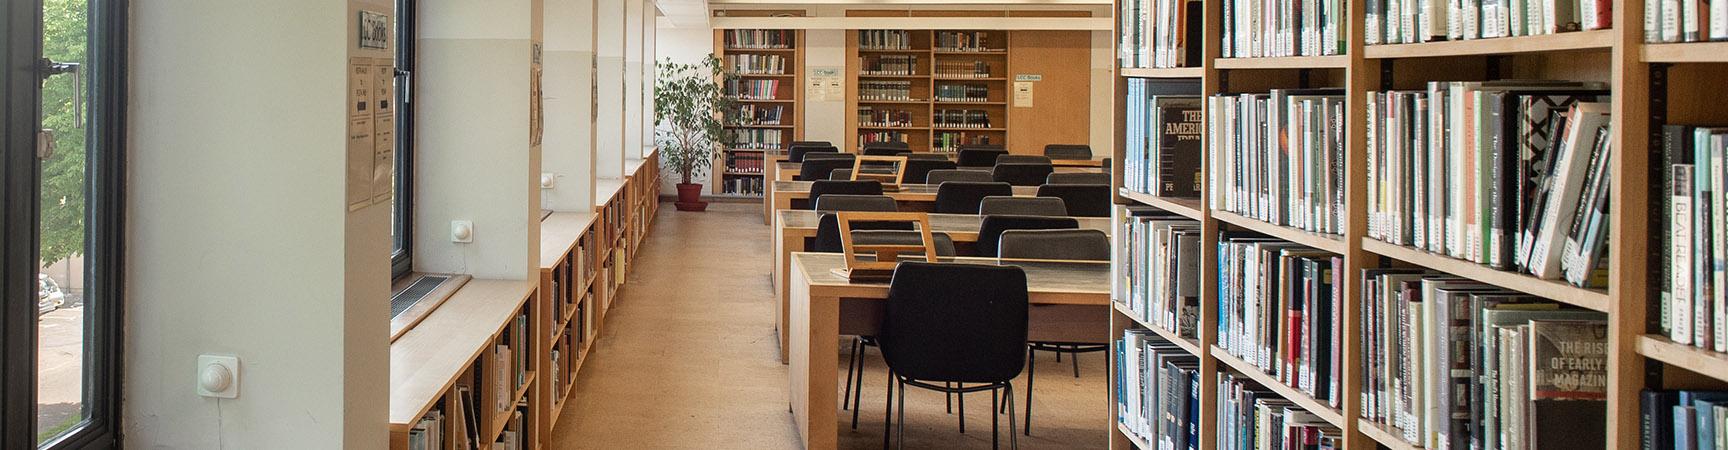 Rows of desks next to windows